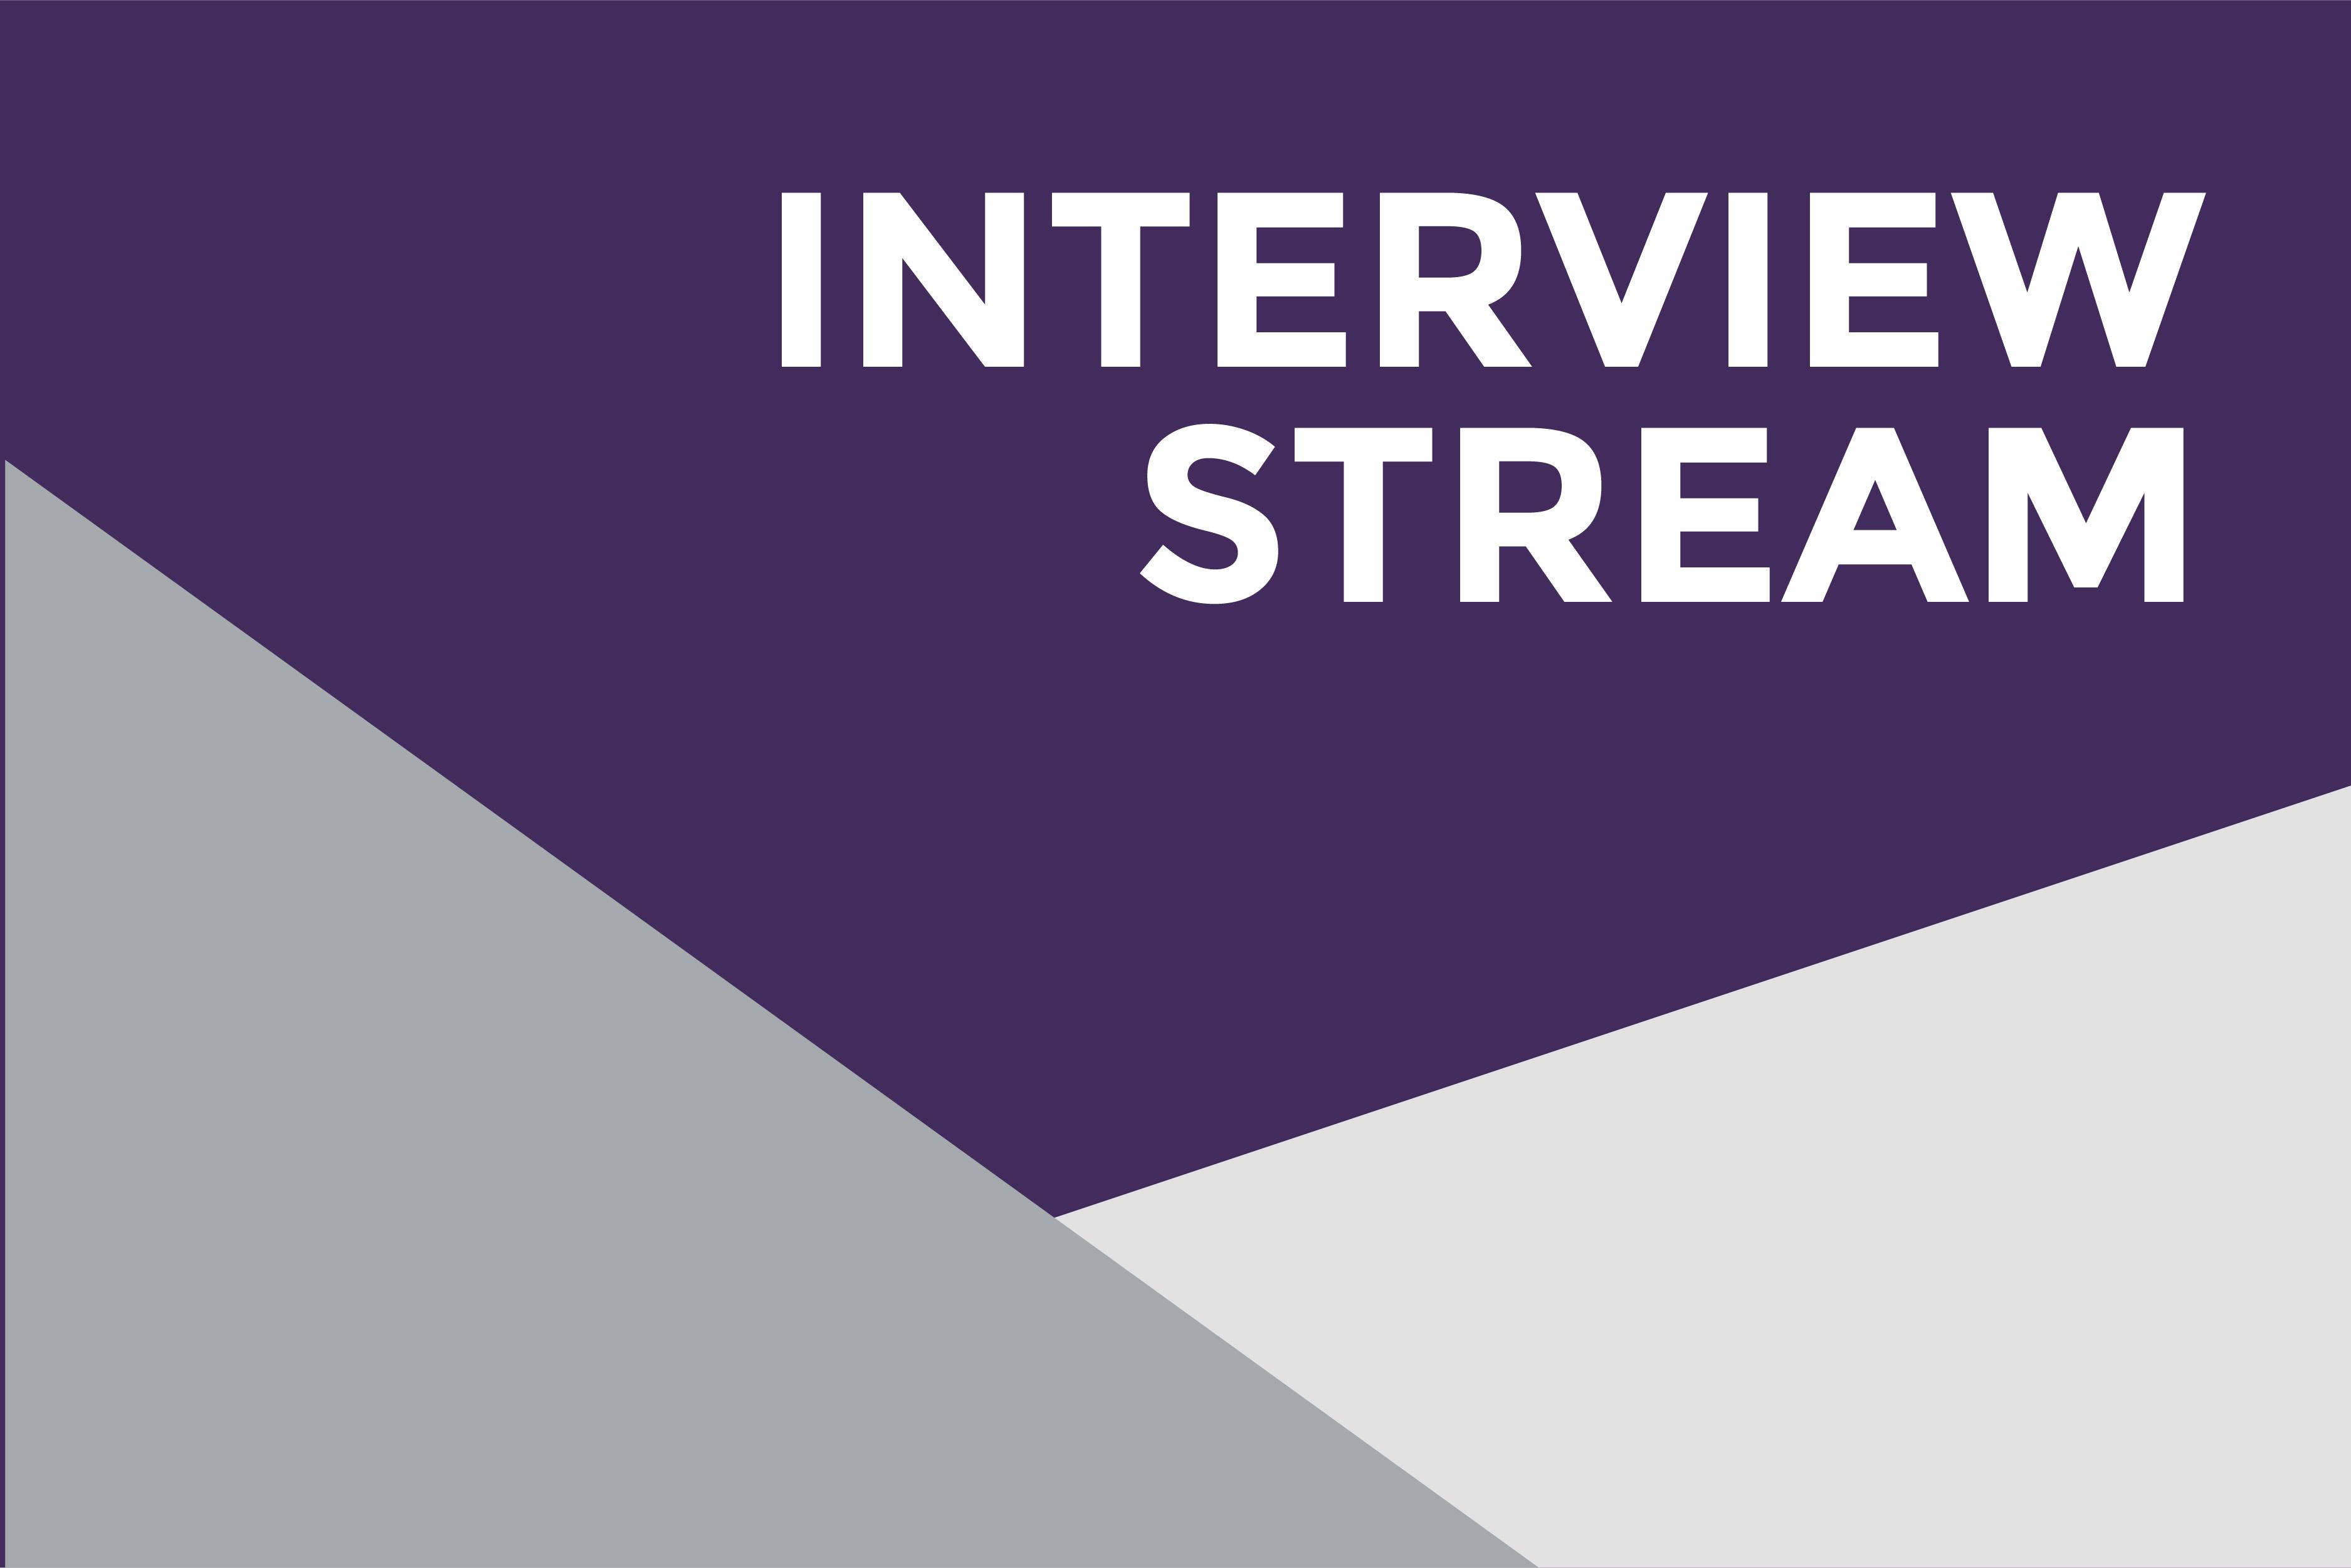 Interviewstream